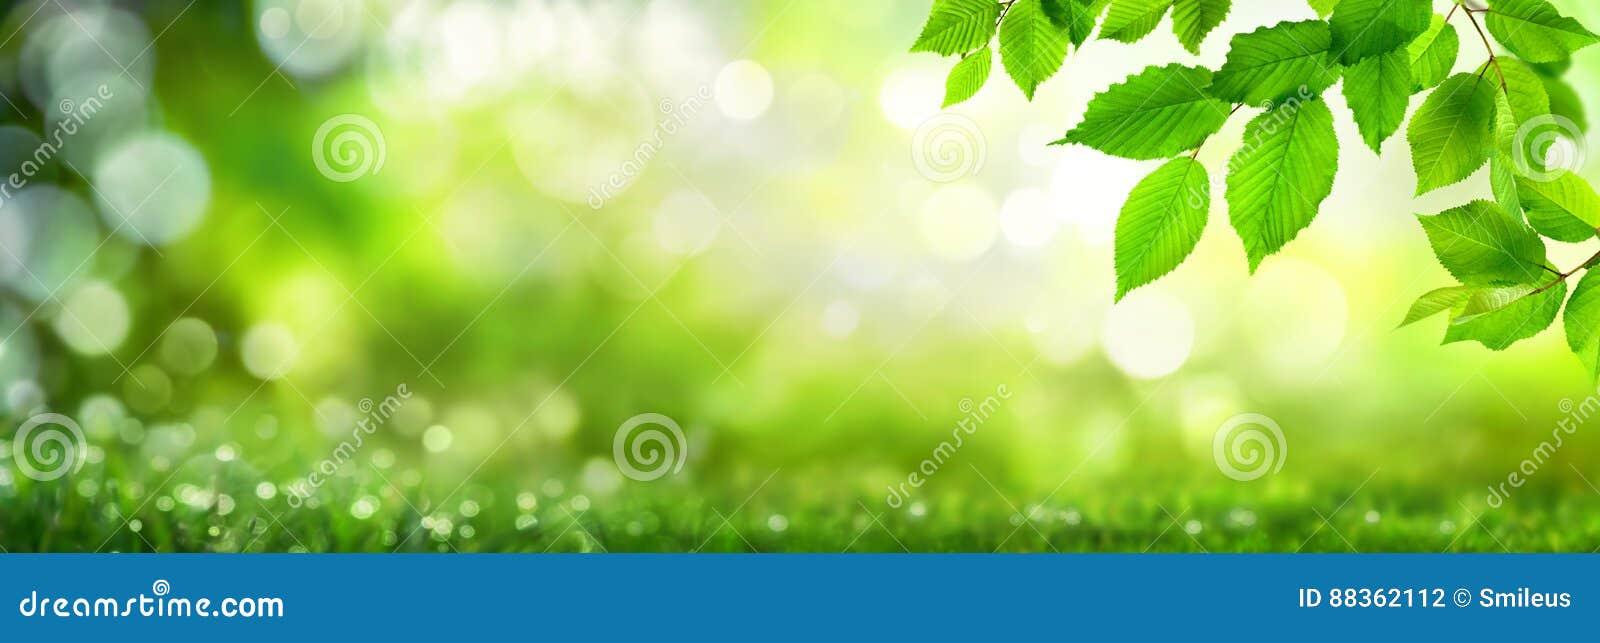 Grünblätter auf bokeh Naturhintergrund